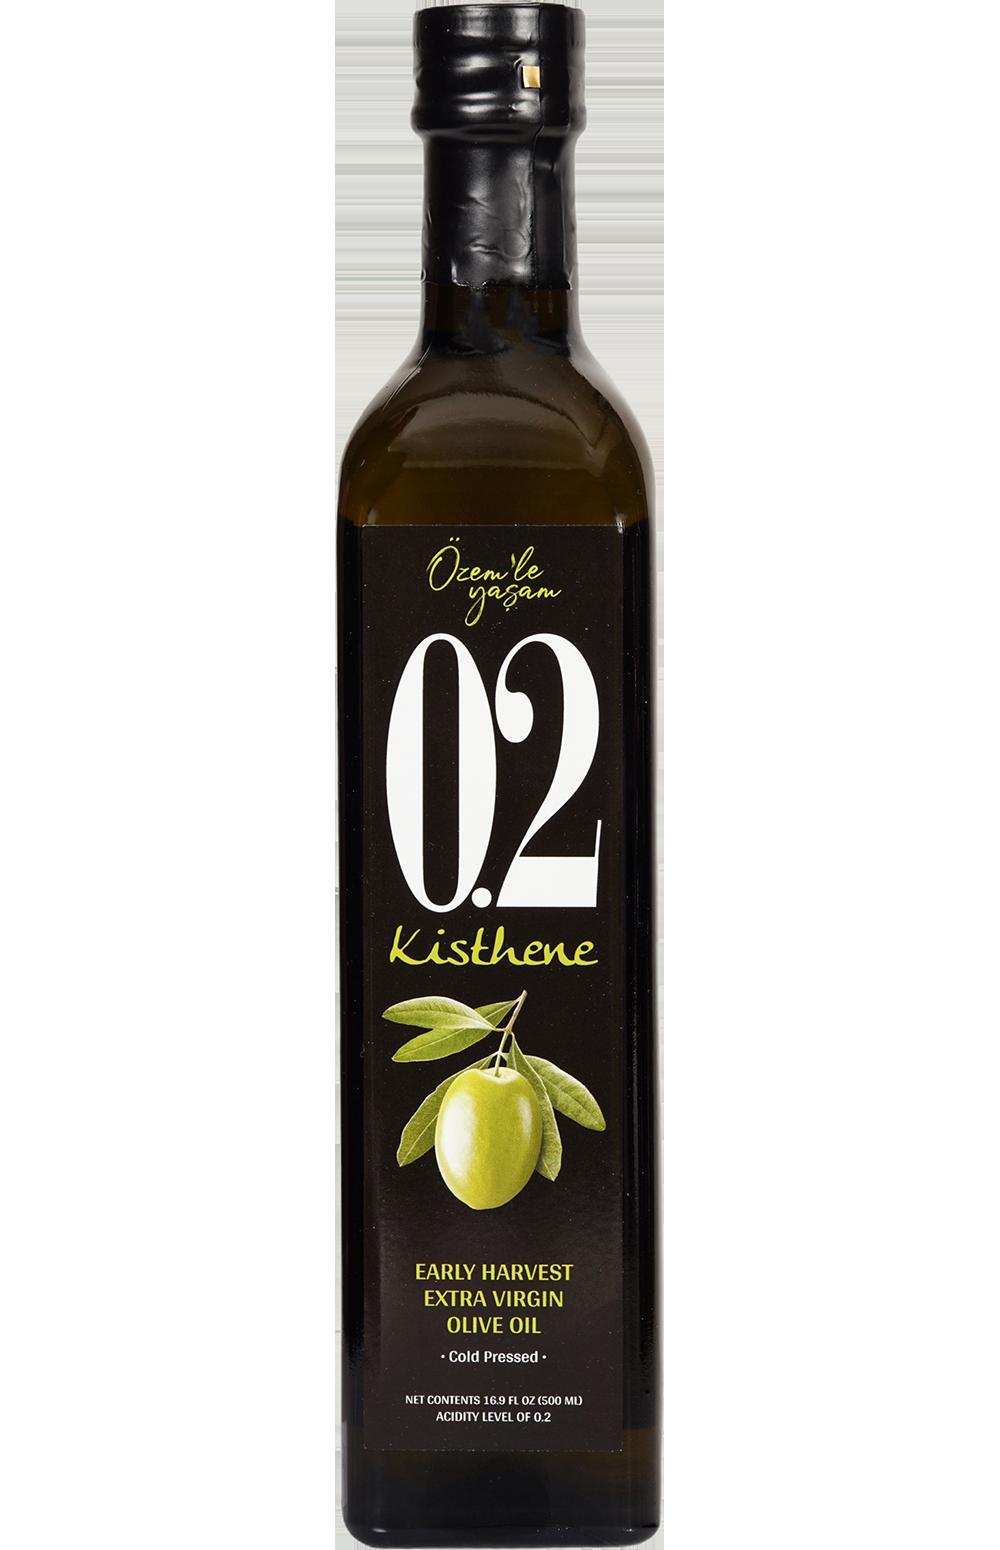 0.2 Kisthene Early Harvest Extra Virgin Olive Oil